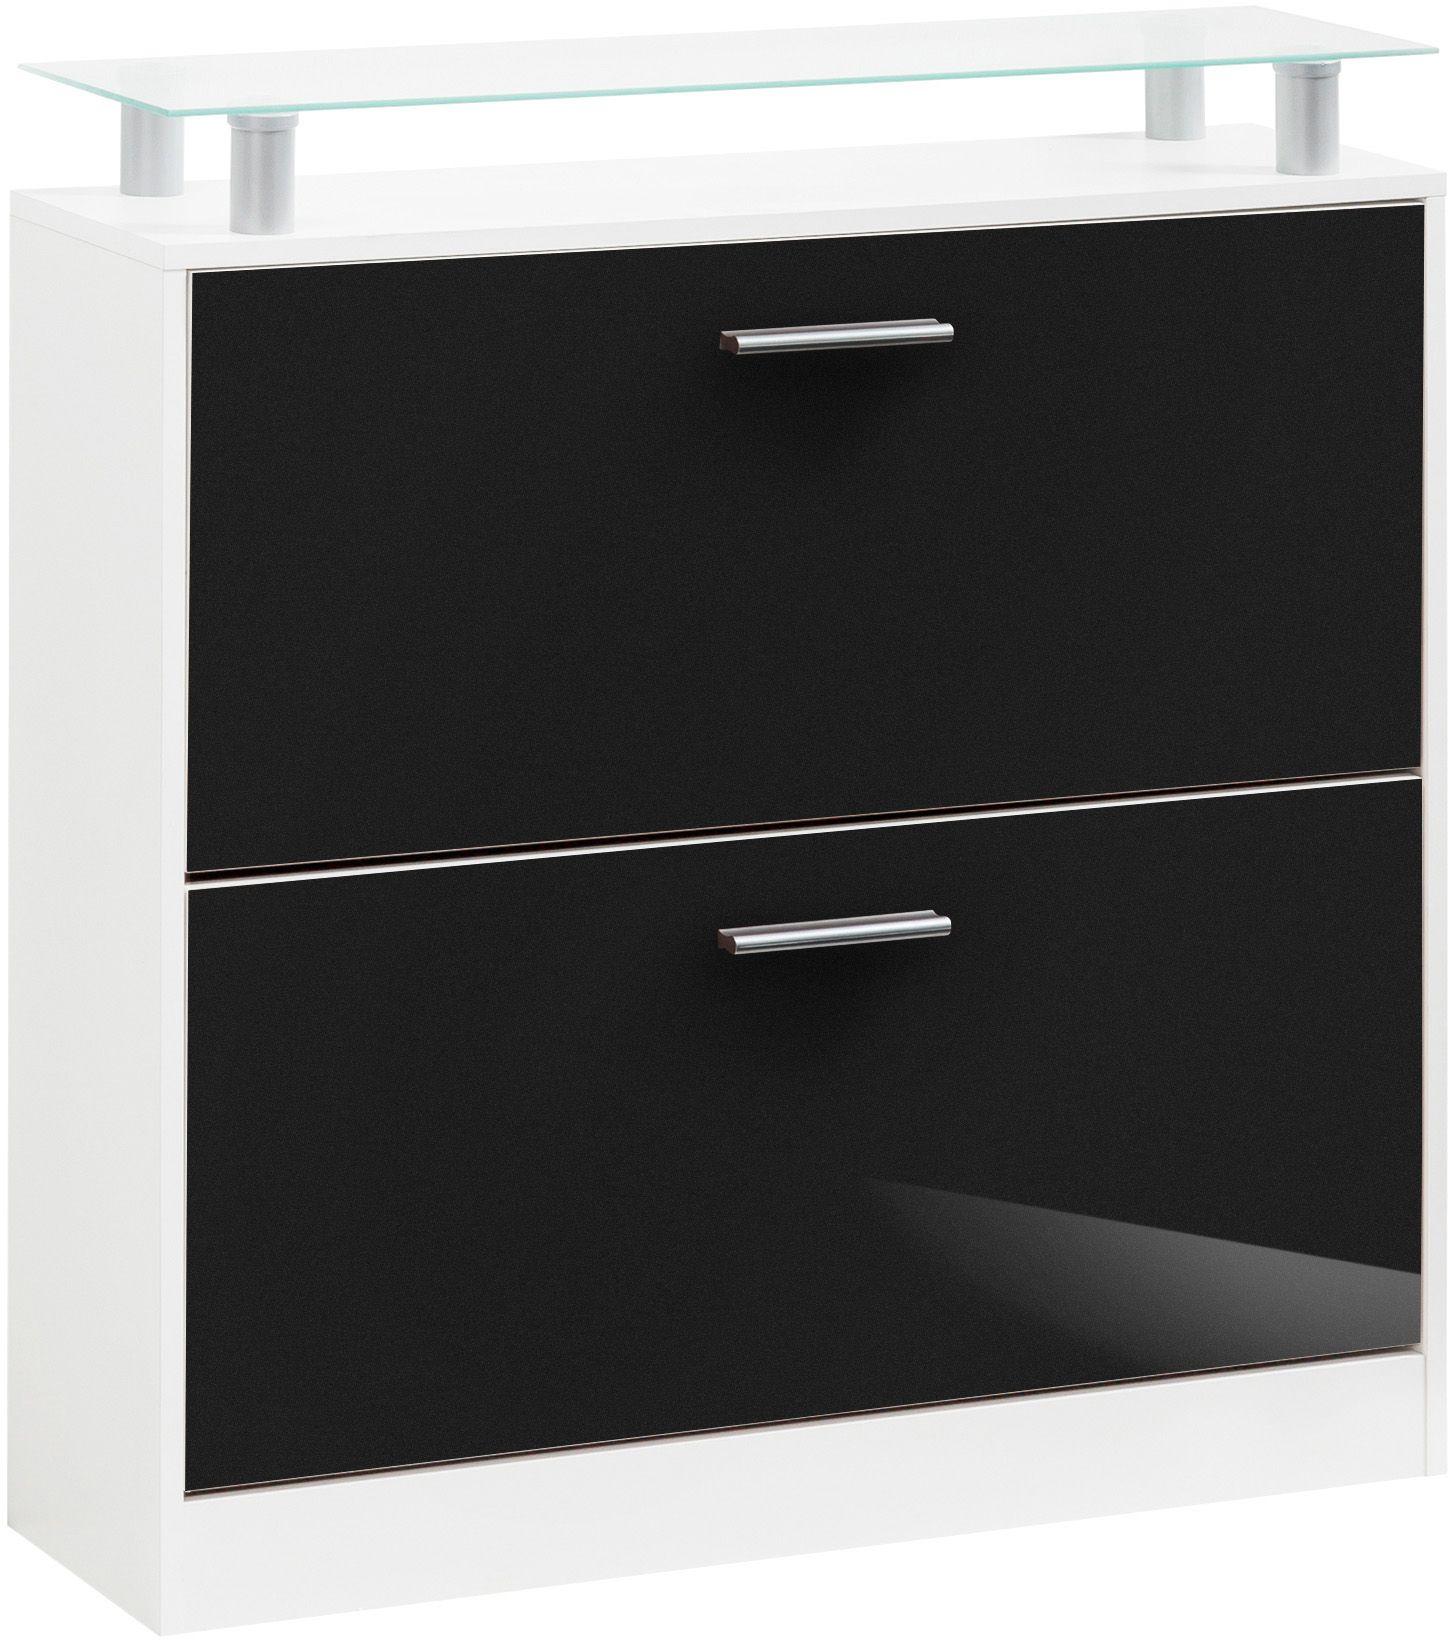 schuhschrank 5 klappen preise vergleichen und g nstig einkaufen bei der preis. Black Bedroom Furniture Sets. Home Design Ideas